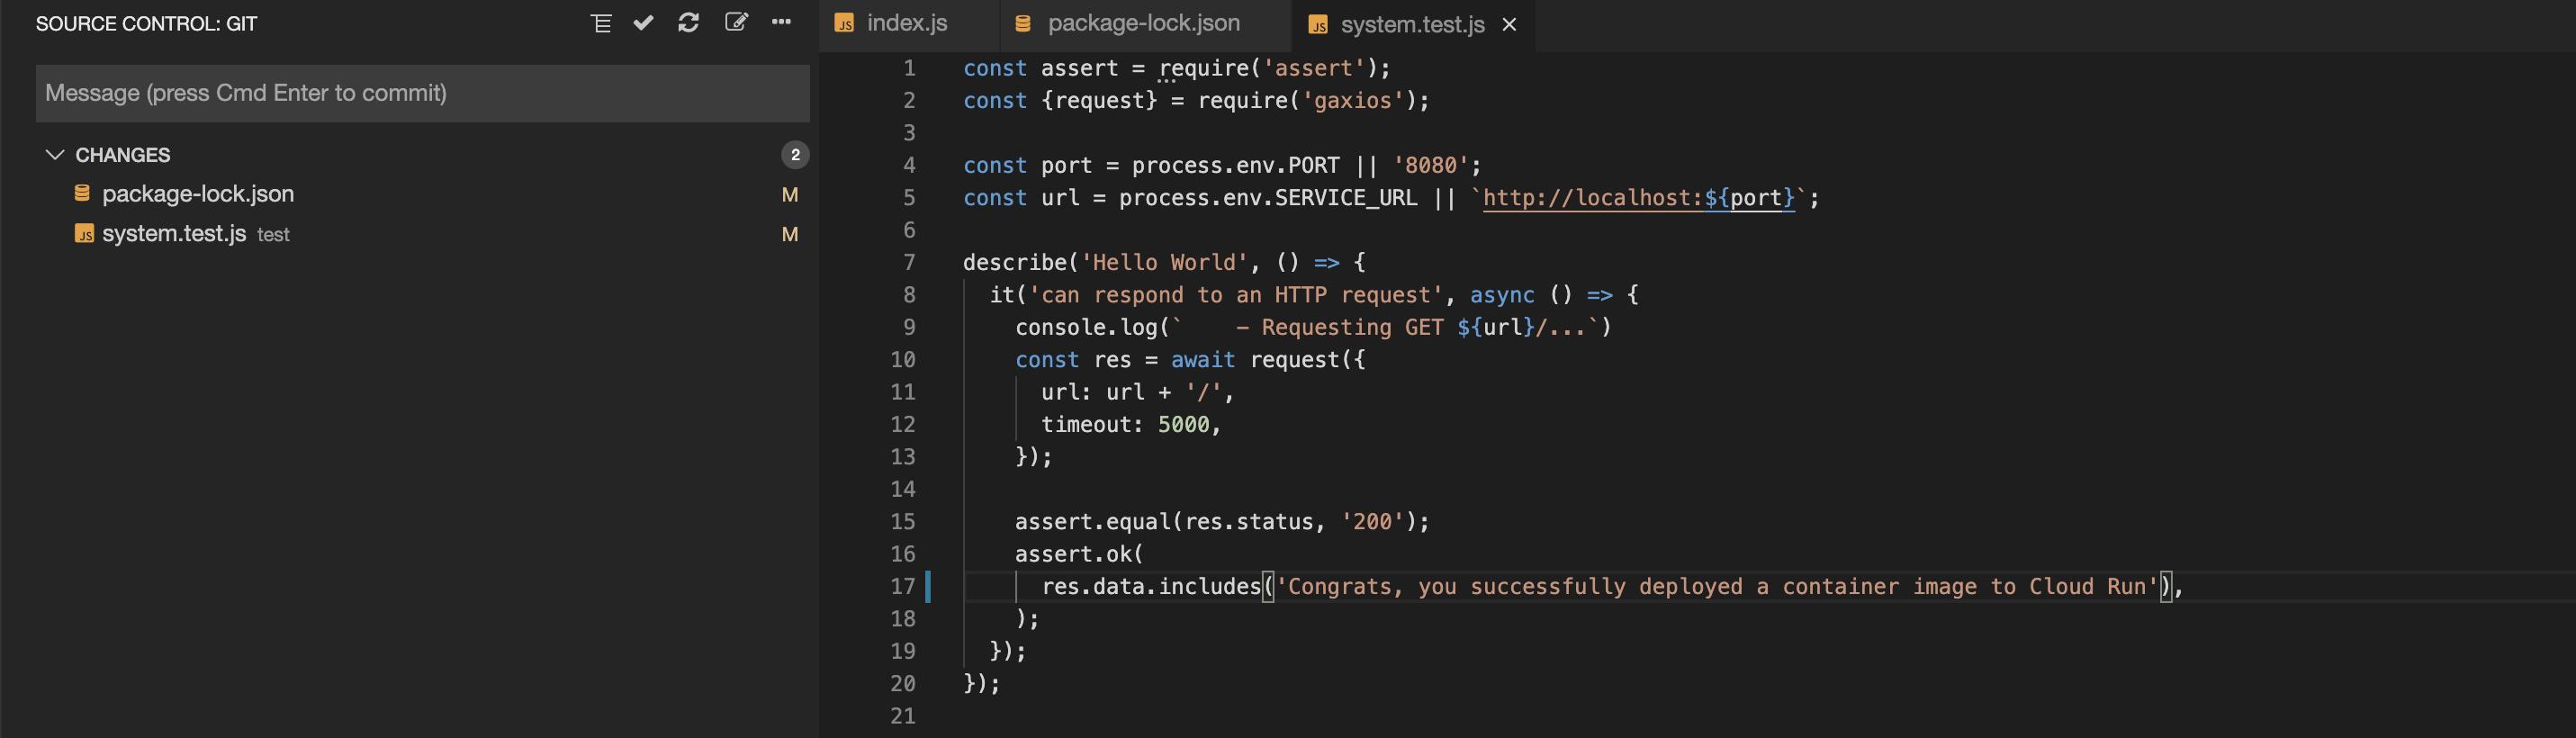 Archivos modificados que aparecen en la sección Cambios en el control de código fuente: vista de Git